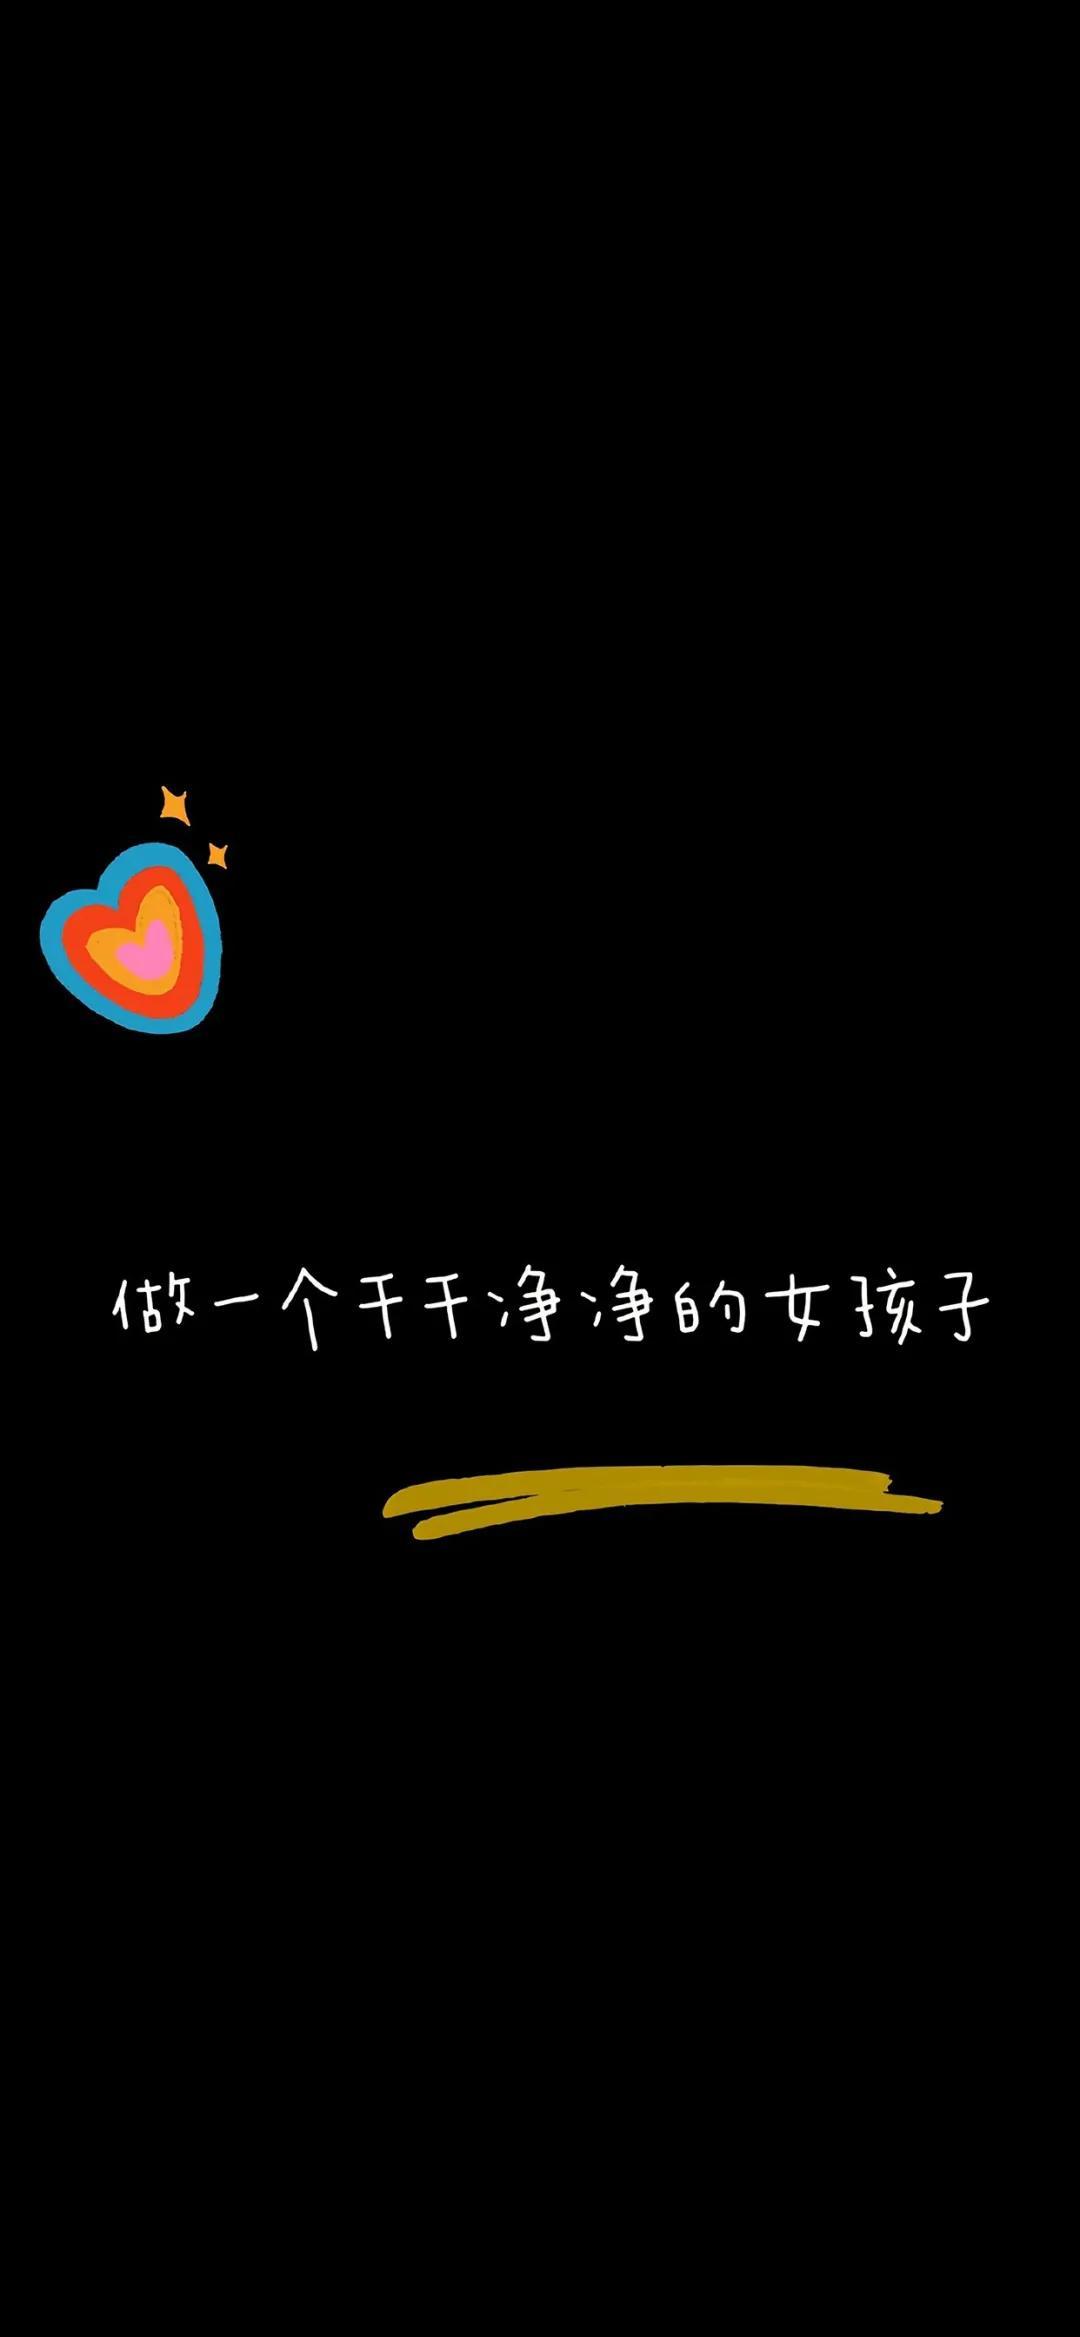 黑色背景阳光文字图片:沉默骄傲,孤独洒脱!